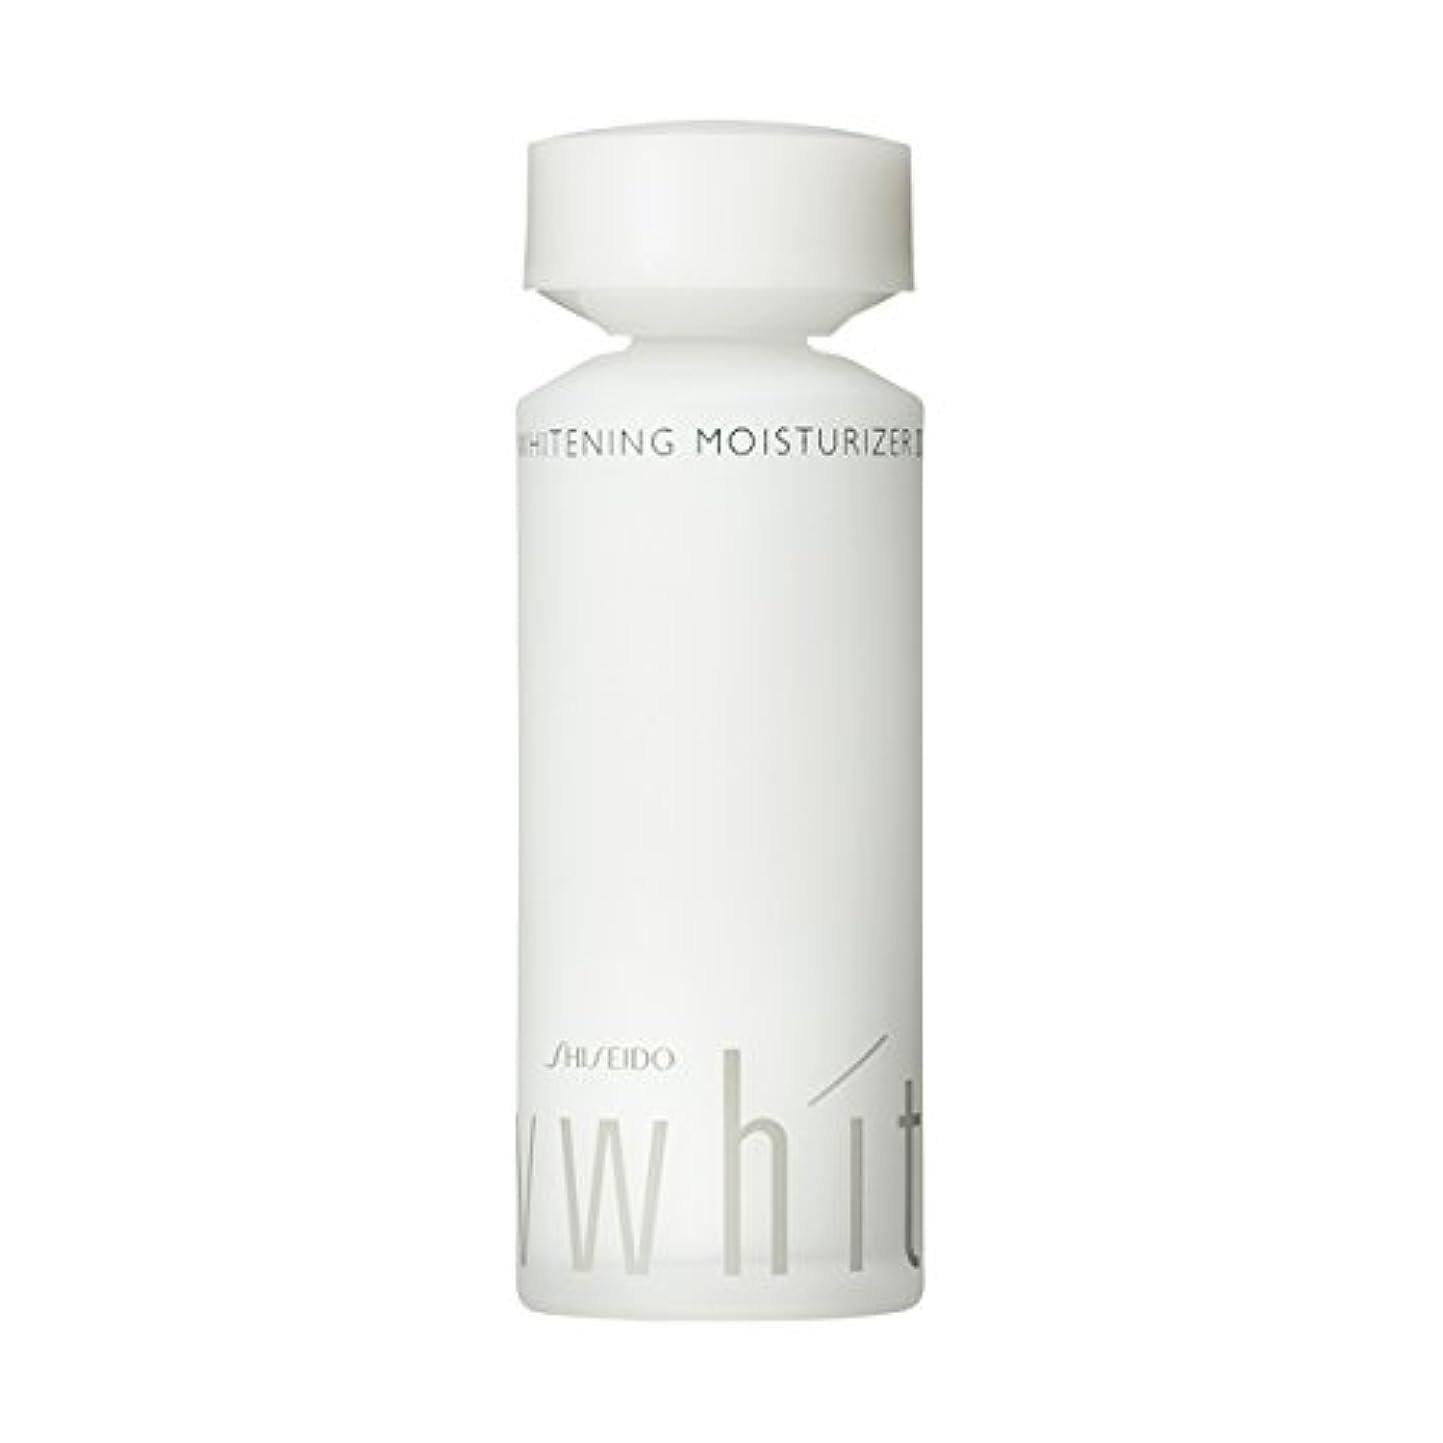 種類トチの実の木貫入UVホワイト ホワイトニング モイスチャーライザー 2 100mL 【医薬部外品】